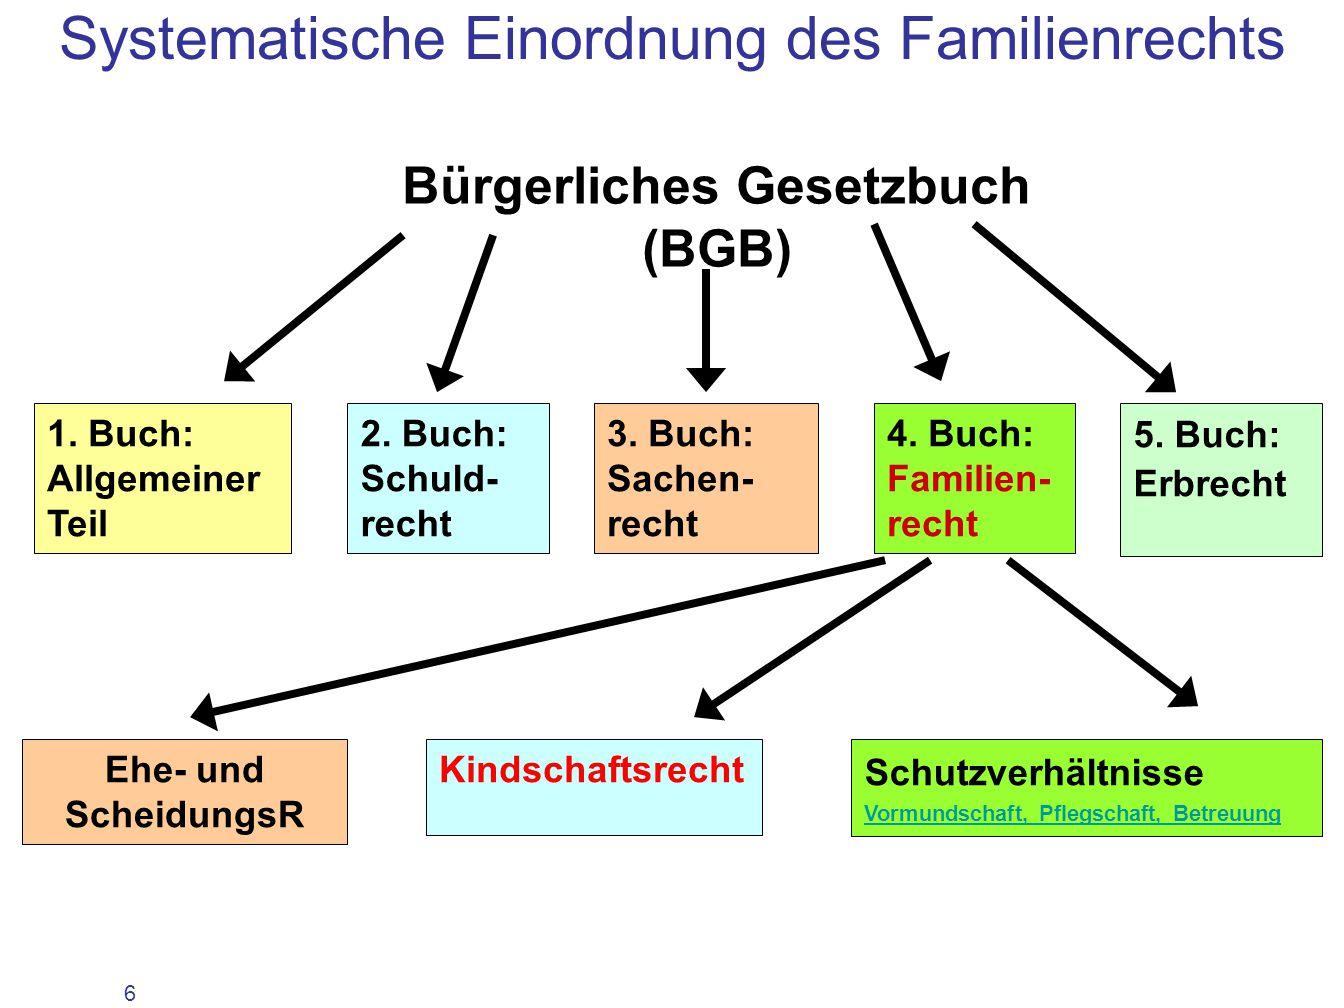 Systematische Einordnung des Familienrechts